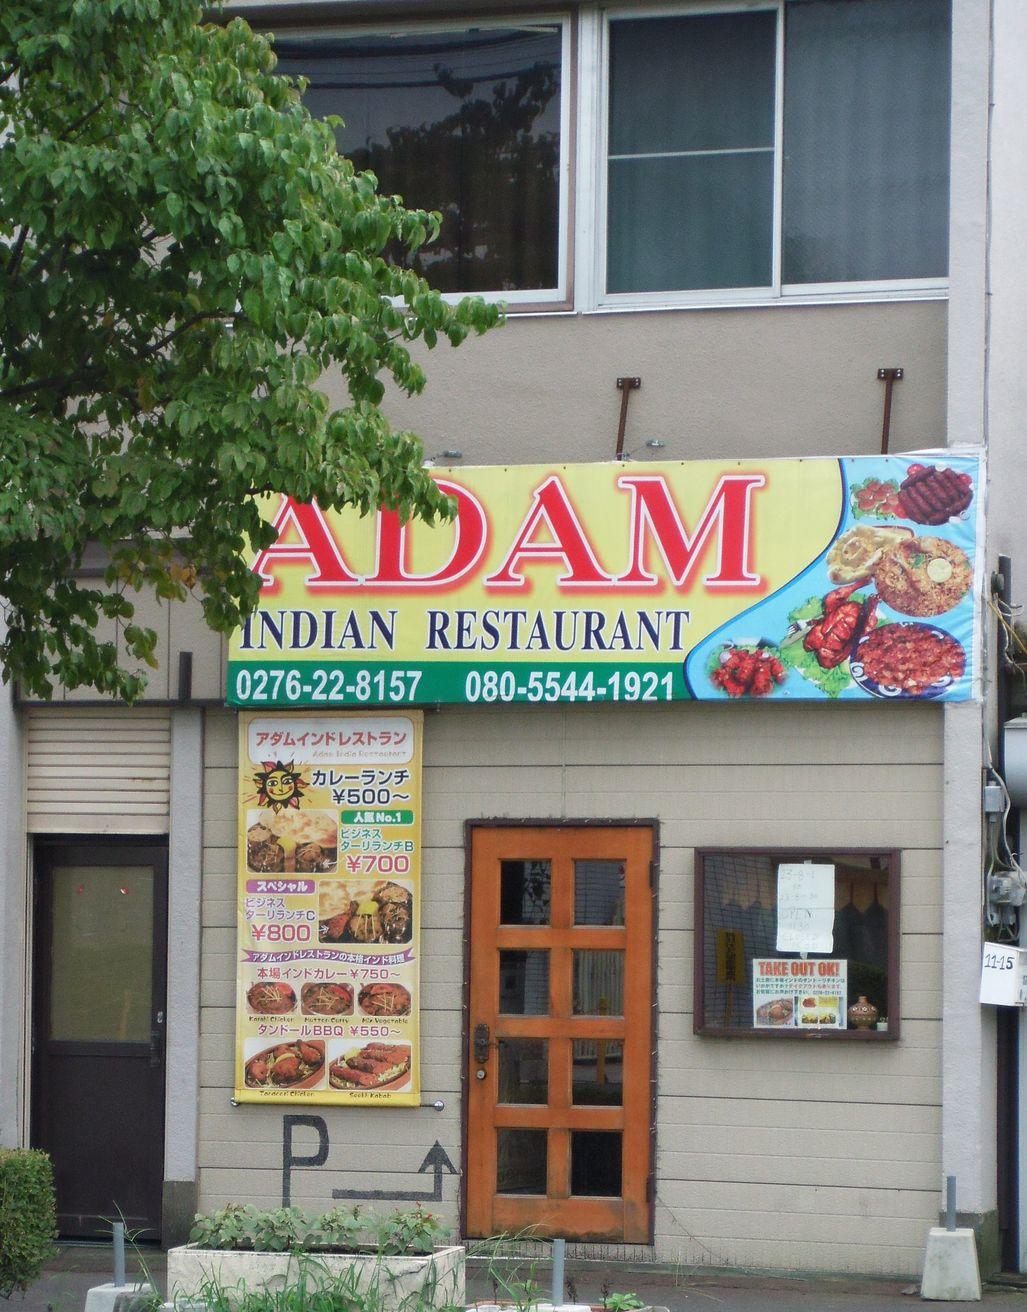 アダムインディアンレストラン